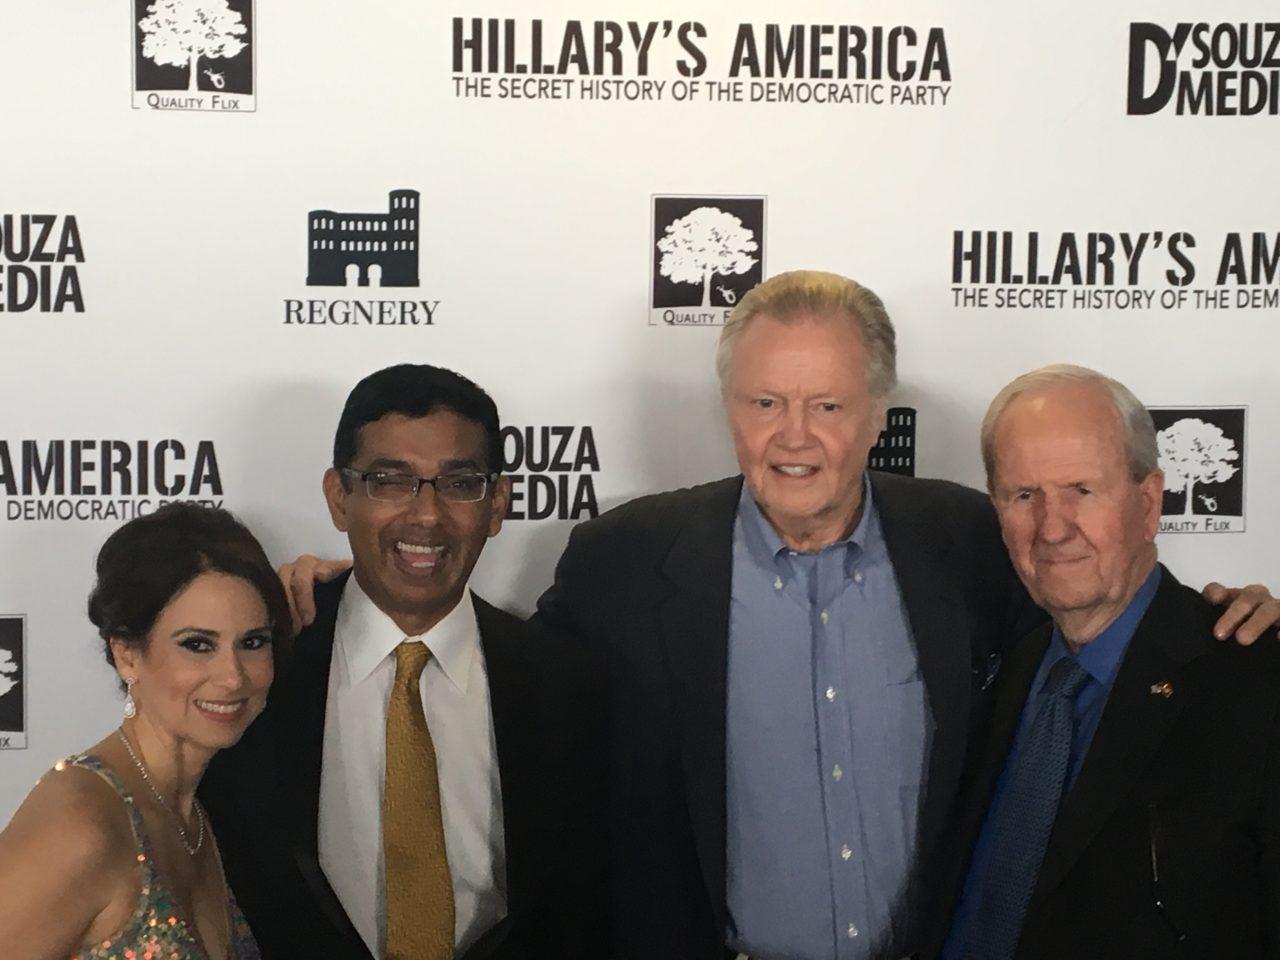 L-R: Debbie D'Souza, Dinesh D'Souza, Jon Voight, producer Gerald R. Molen (Photo: Daniel Nussbaum)